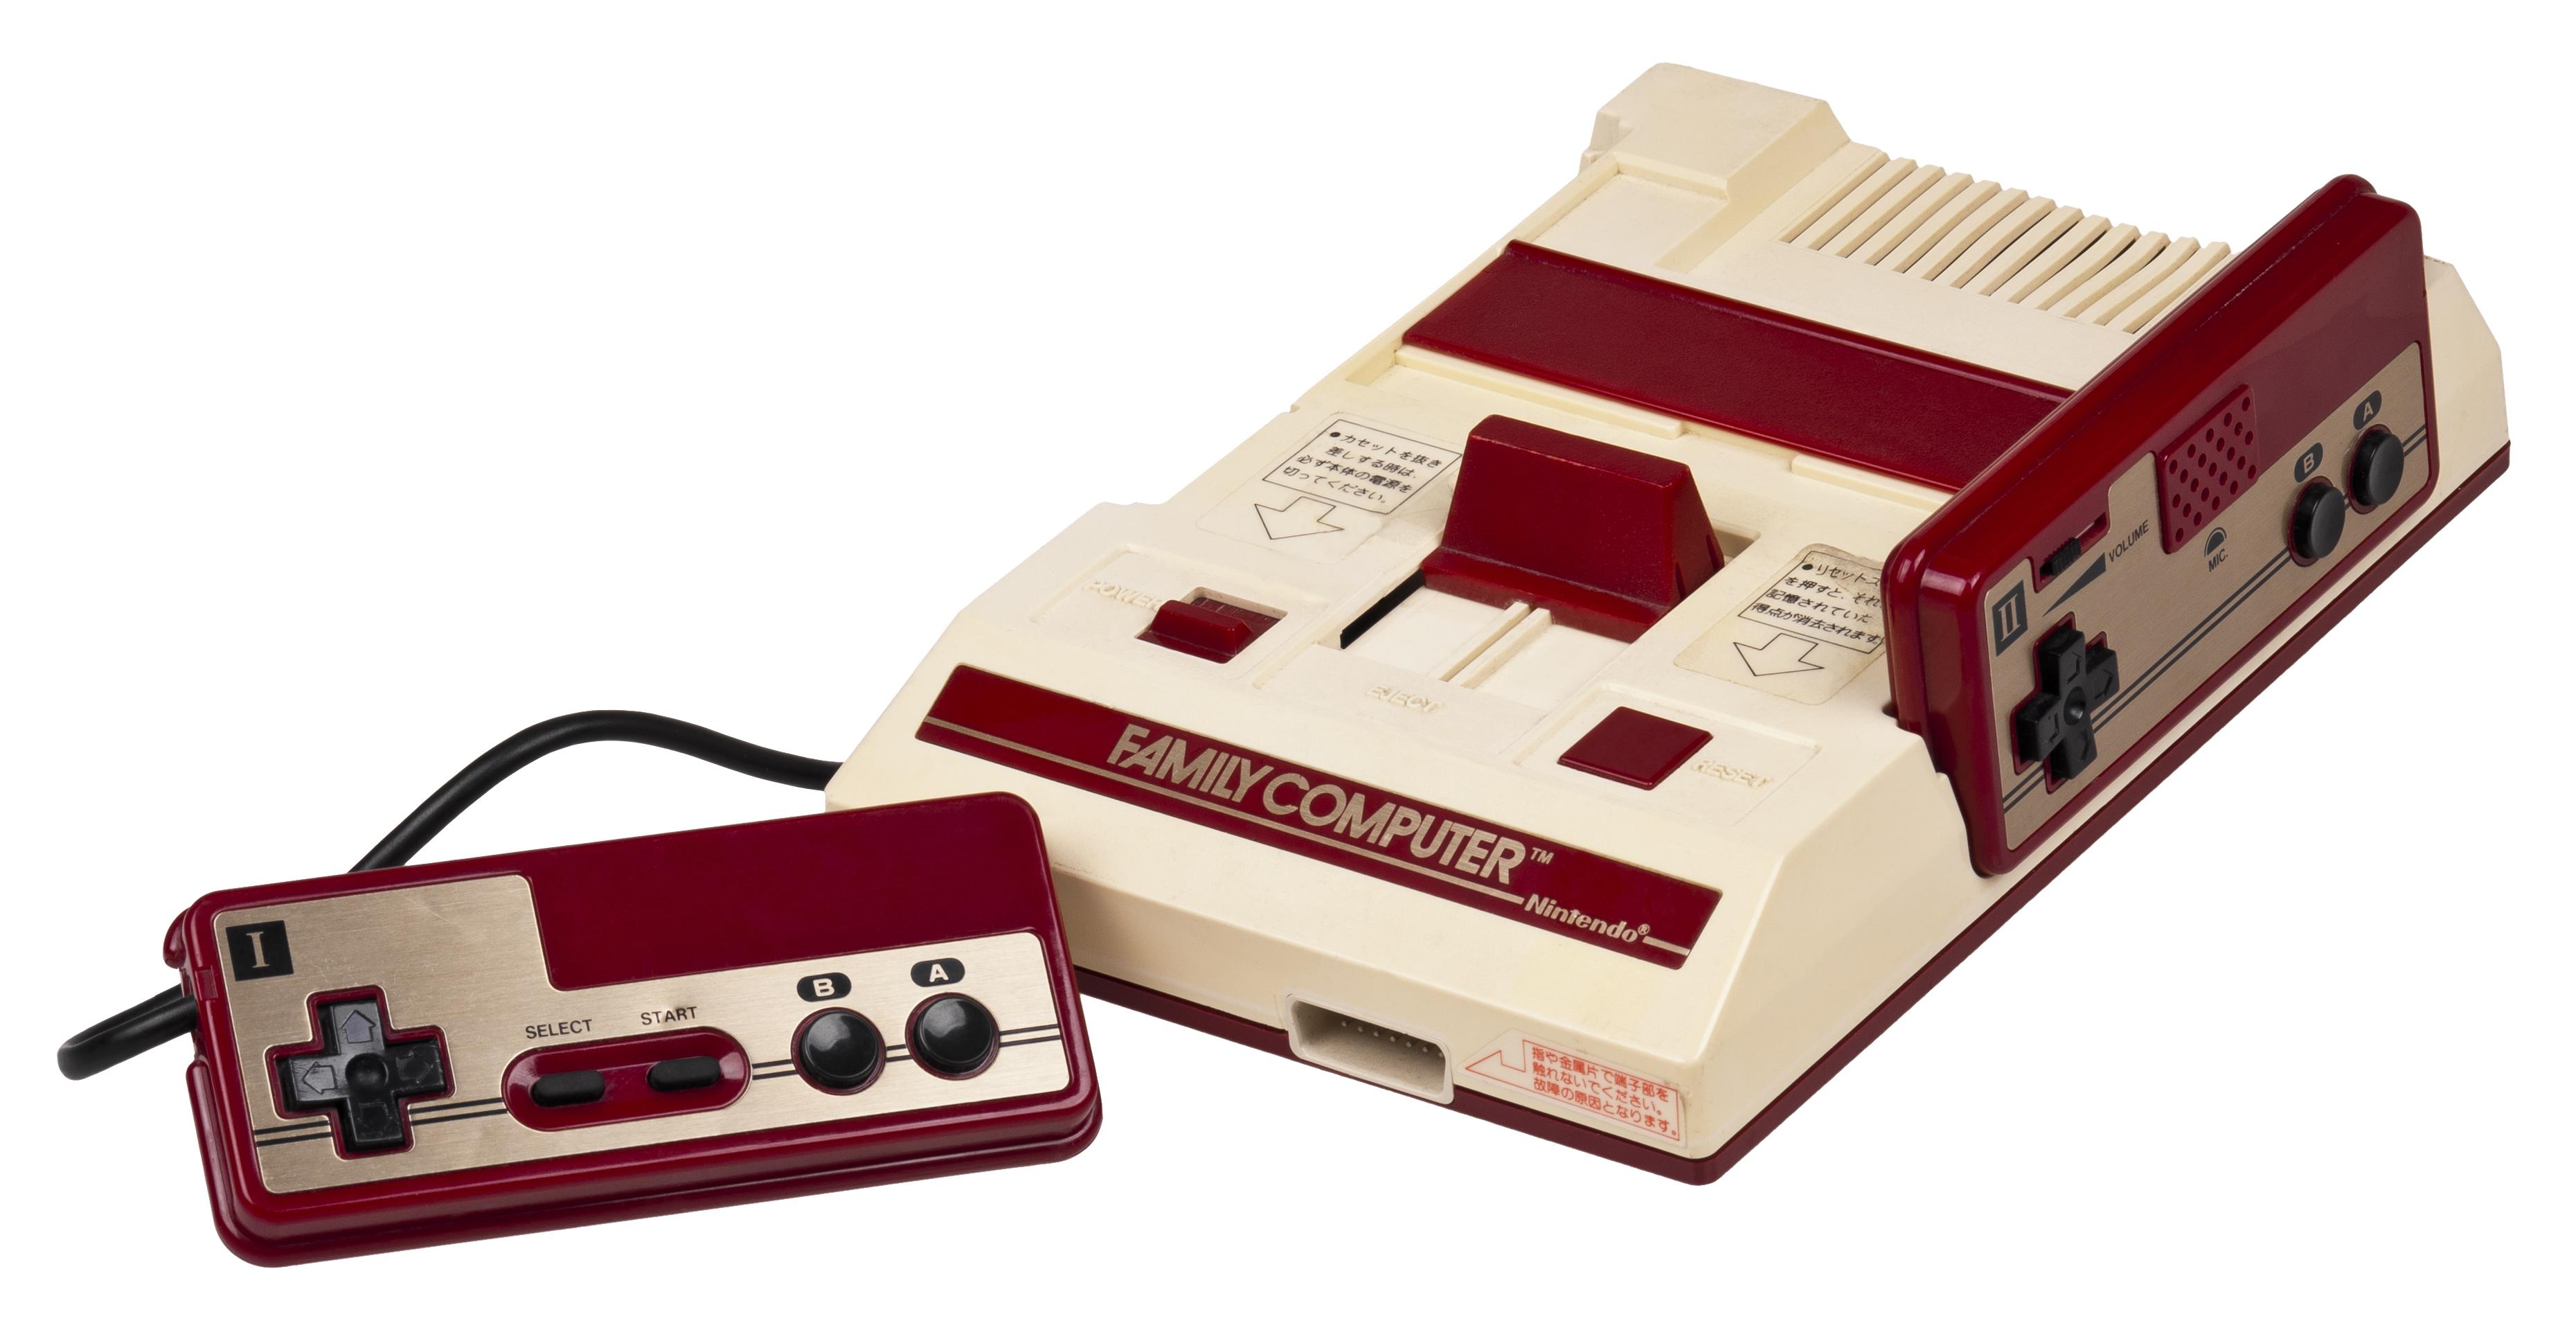 Приставке NES ( Dendy) исполнилось 30 лет!